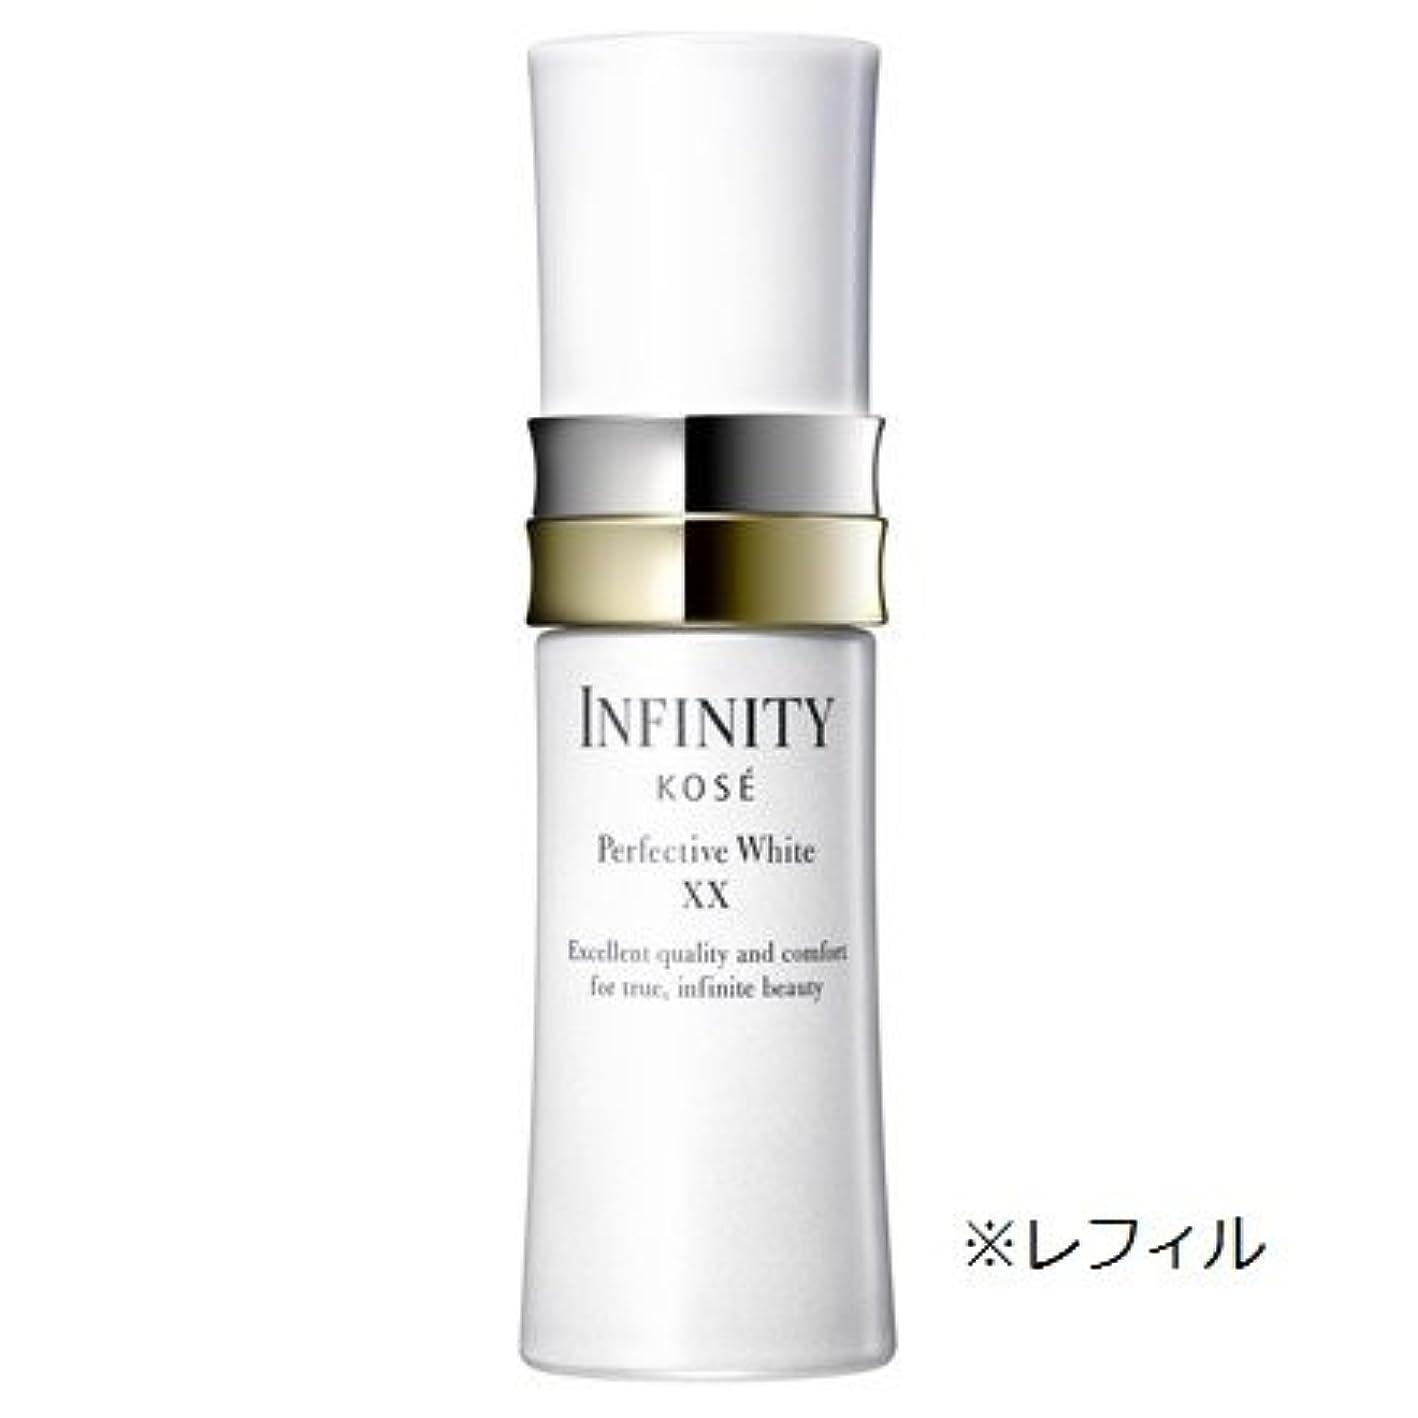 繊維仕える慣らすインフィニティ パーフェクティブ ホワイト XX (美白美容液) 40ml ※付けかえ用